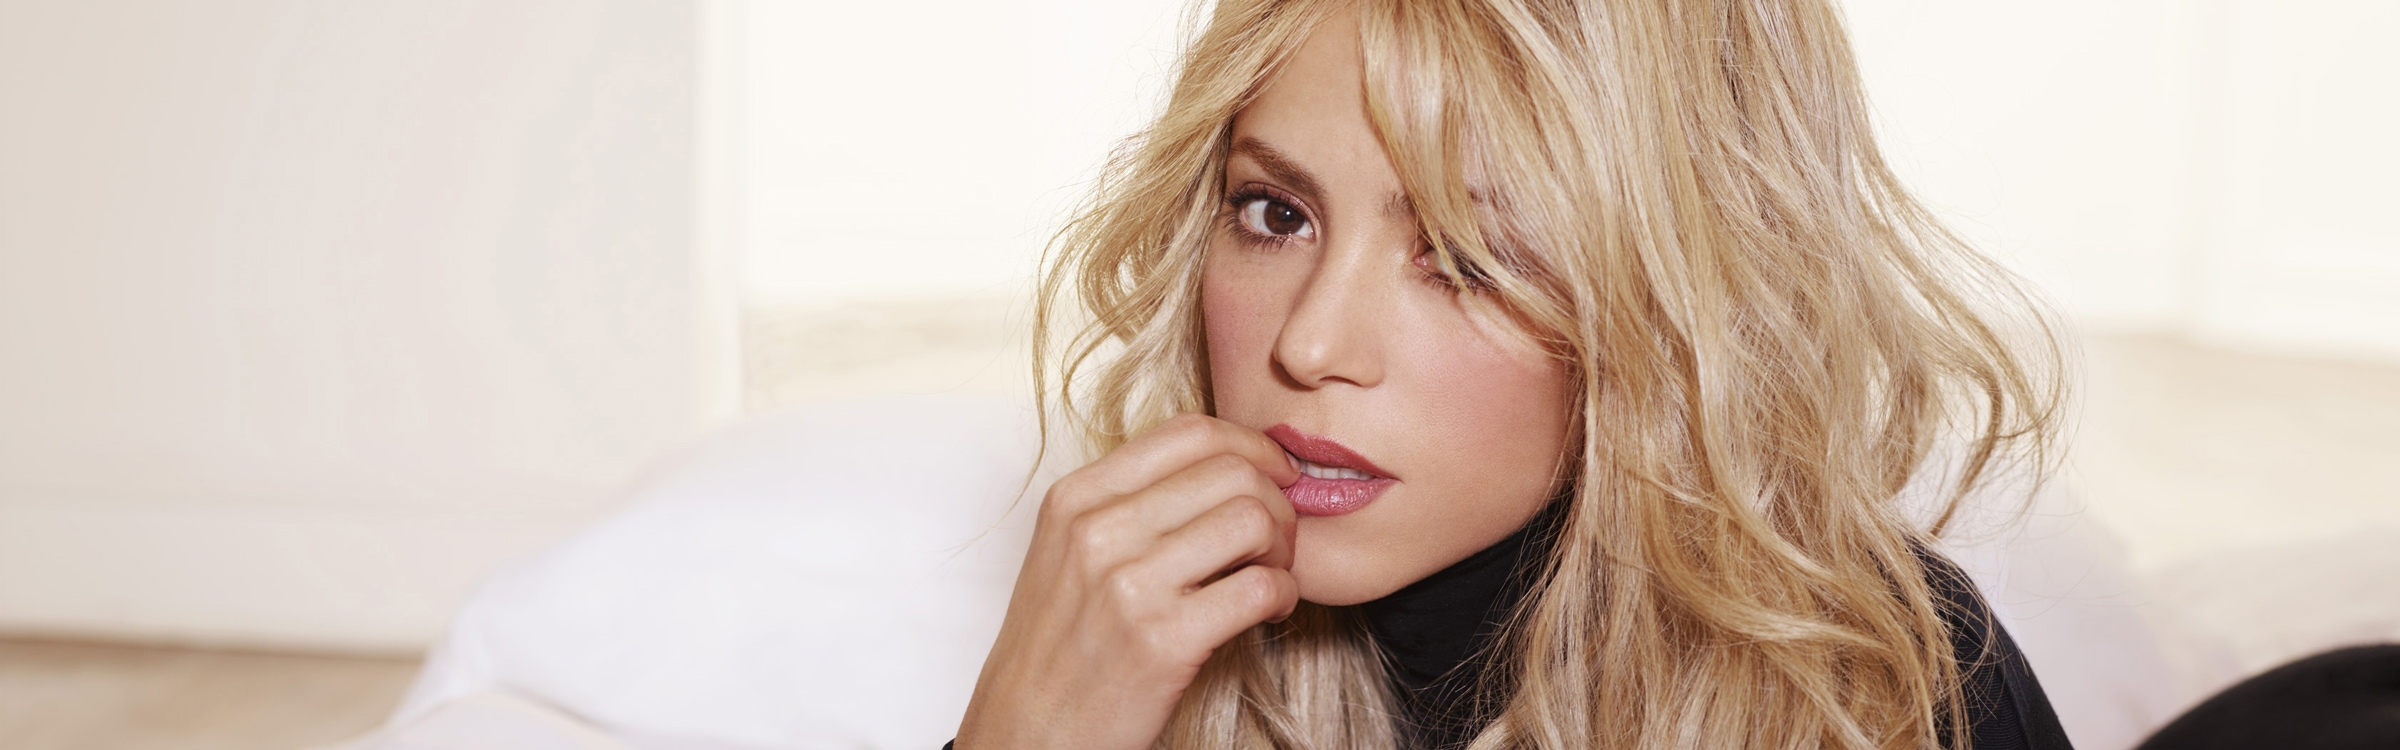 Shakira header